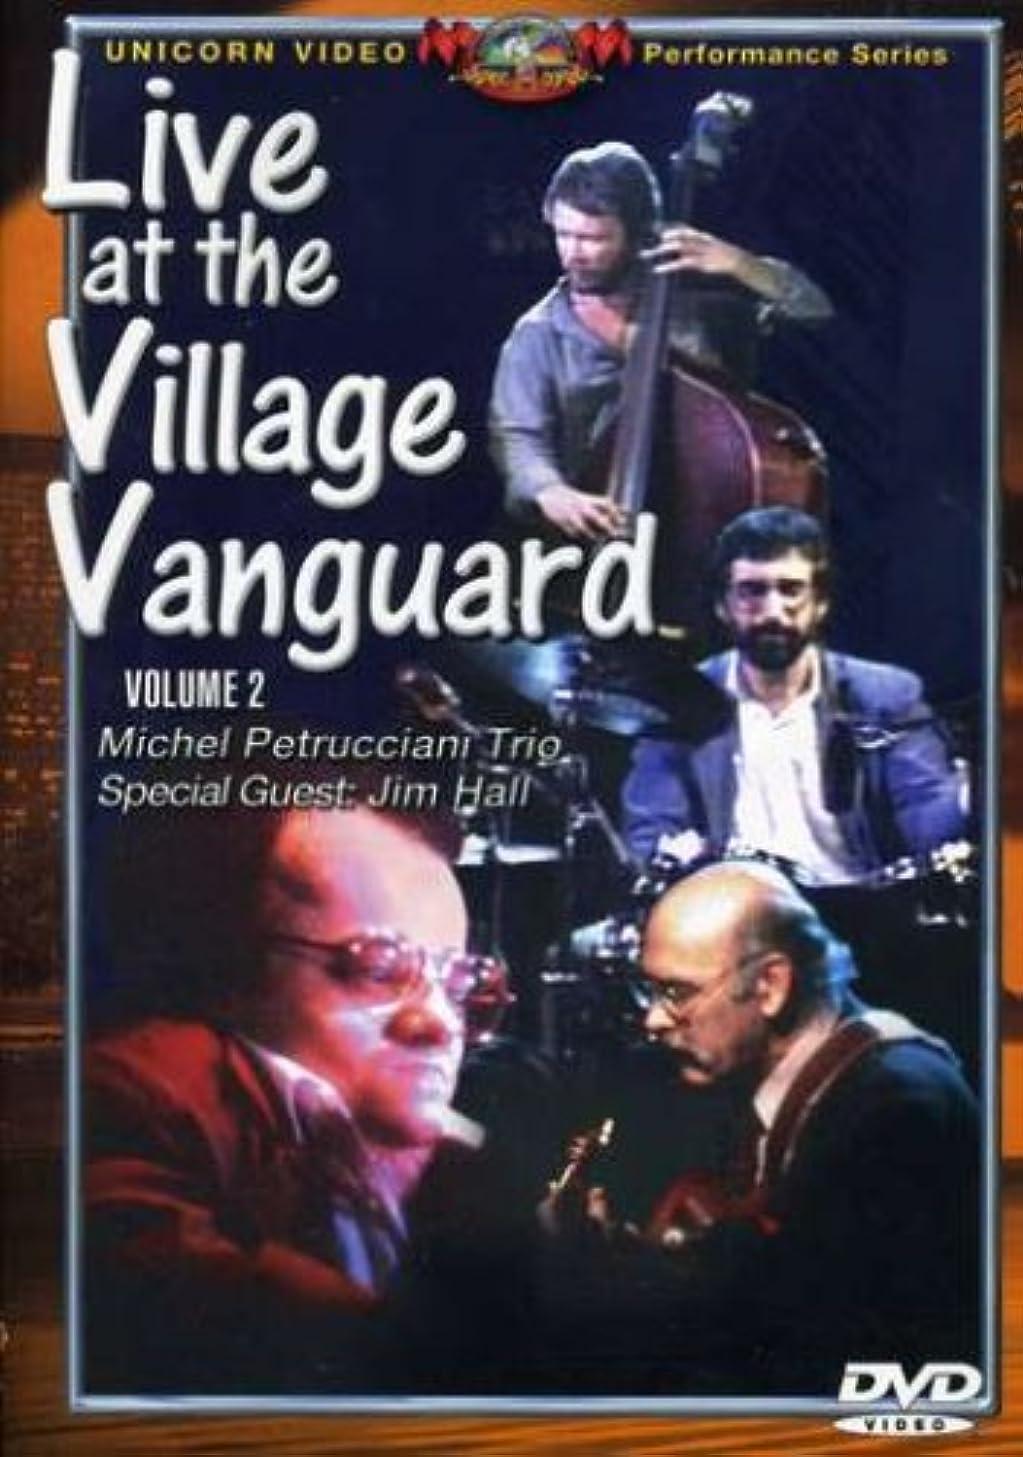 Live from the Village Vanguard, Vol 2 - Michel Petrucciani